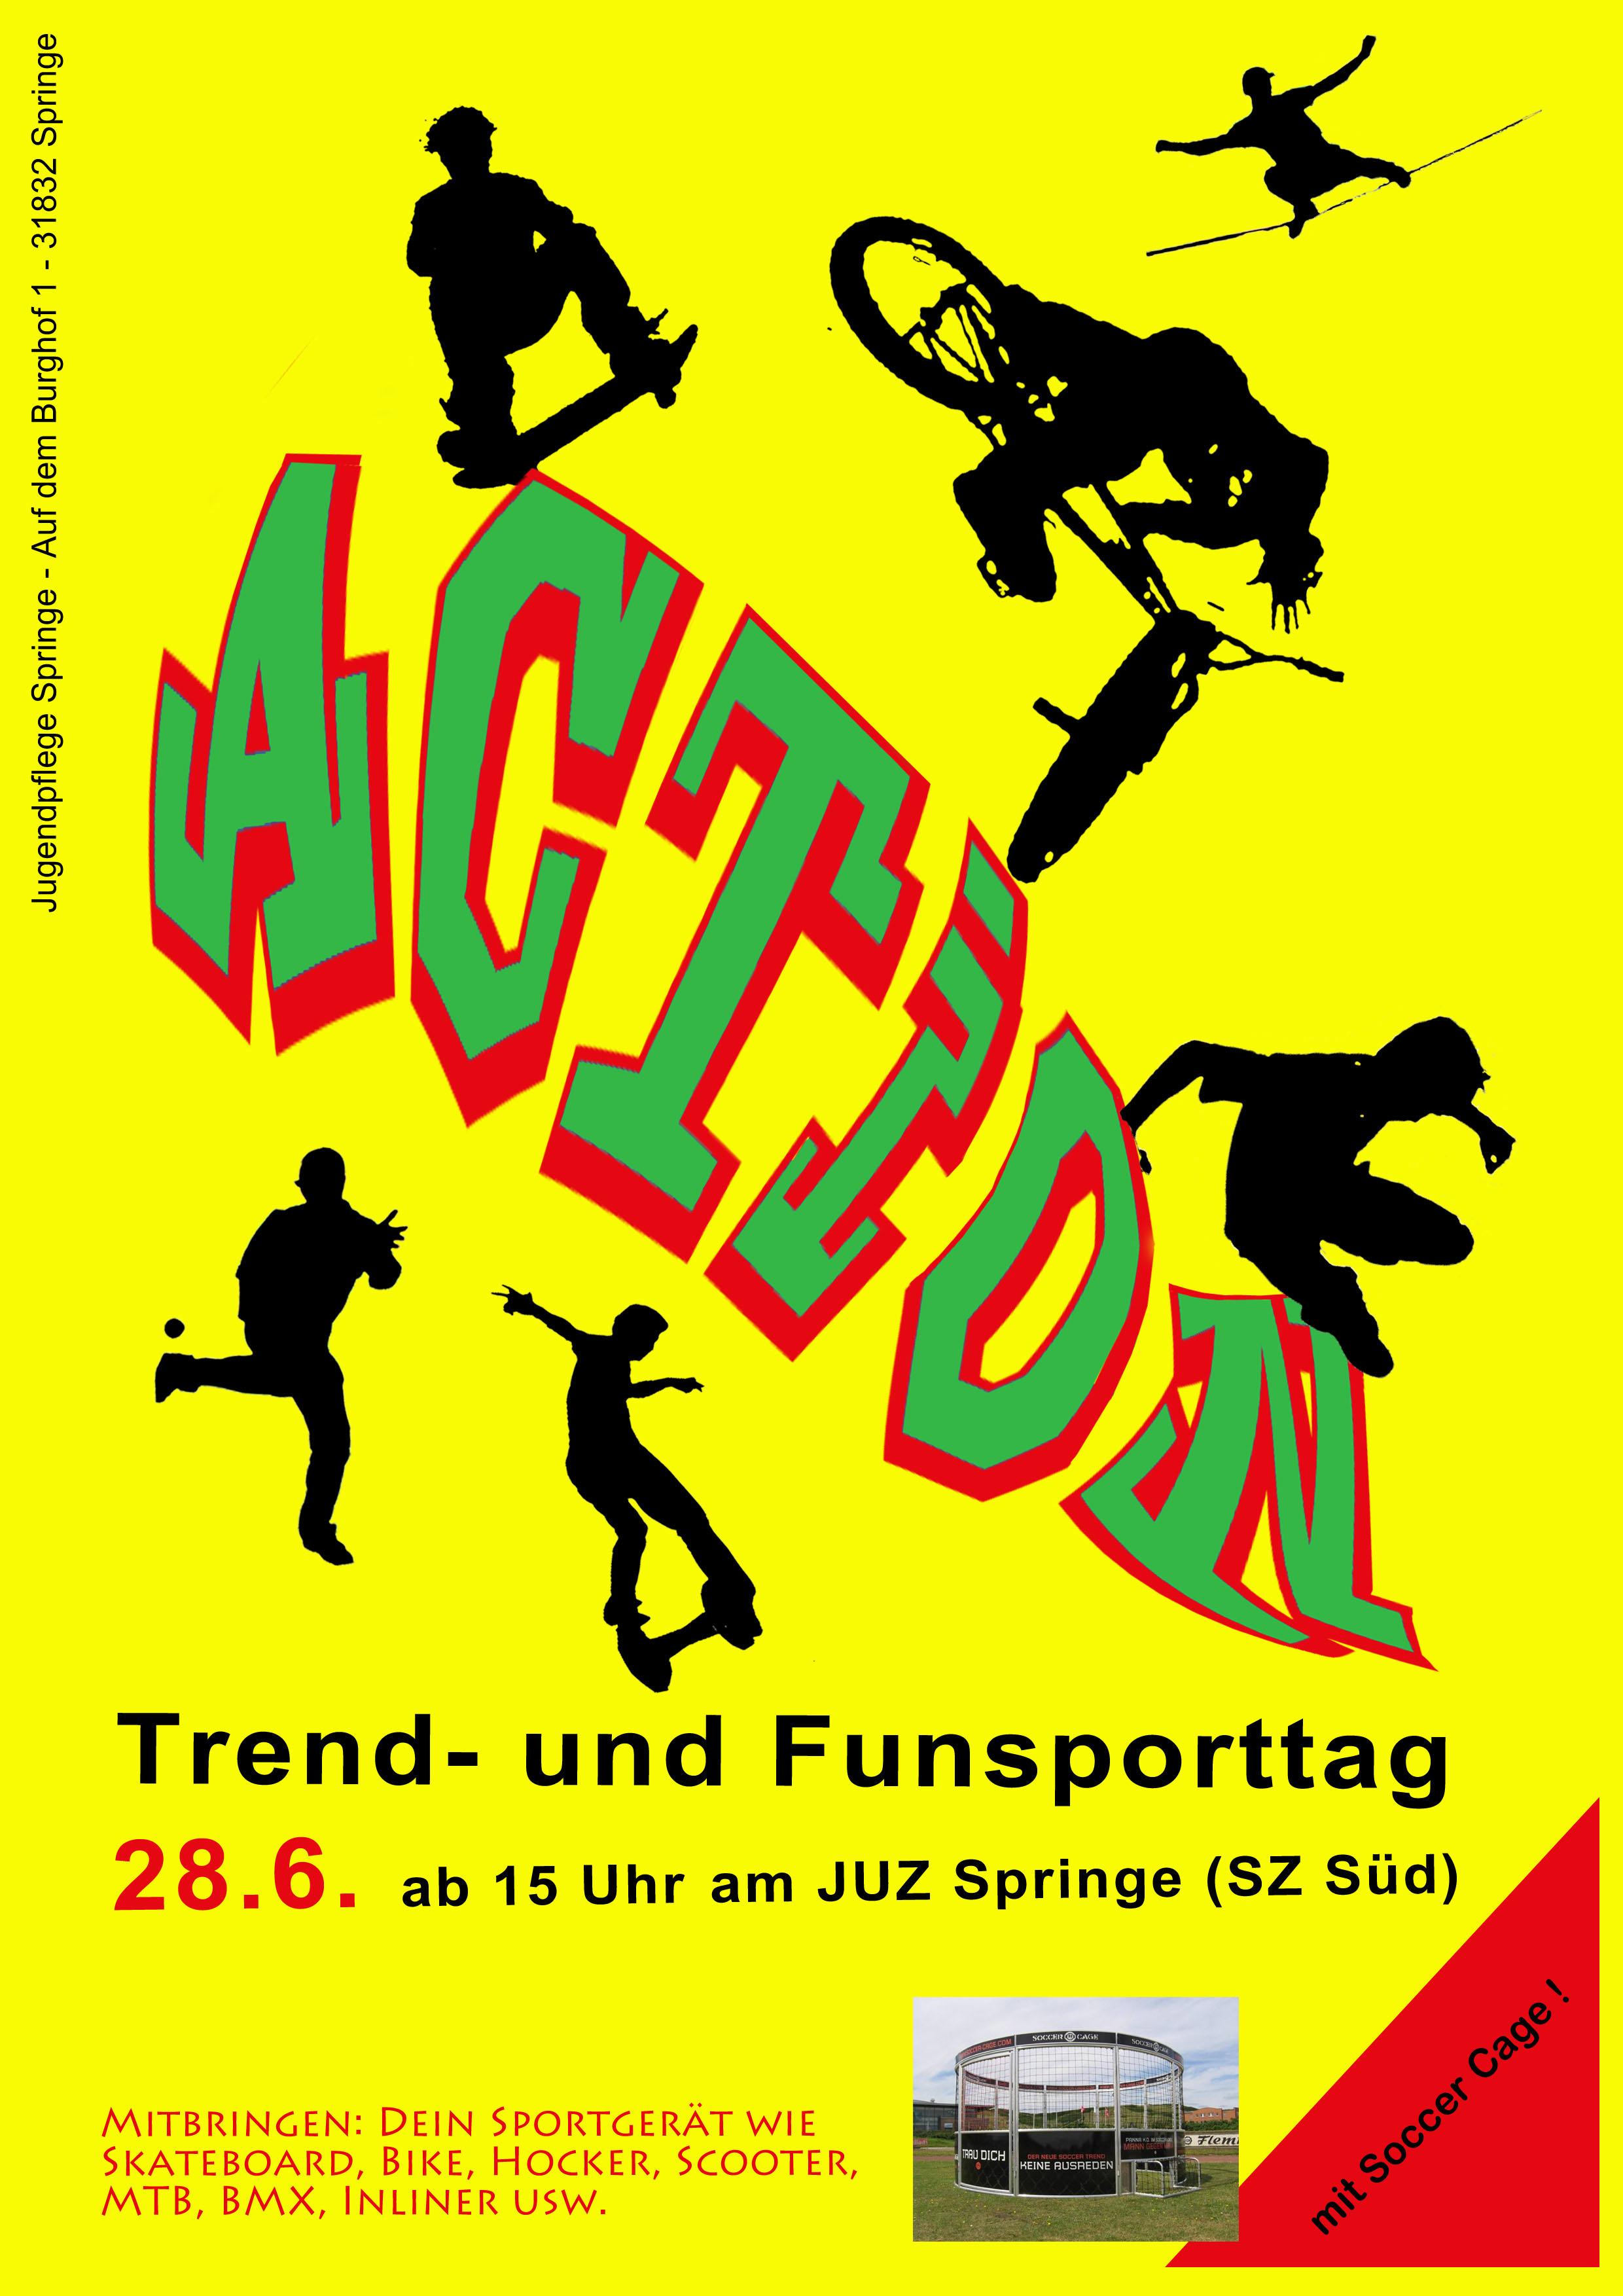 Trendsporttag1